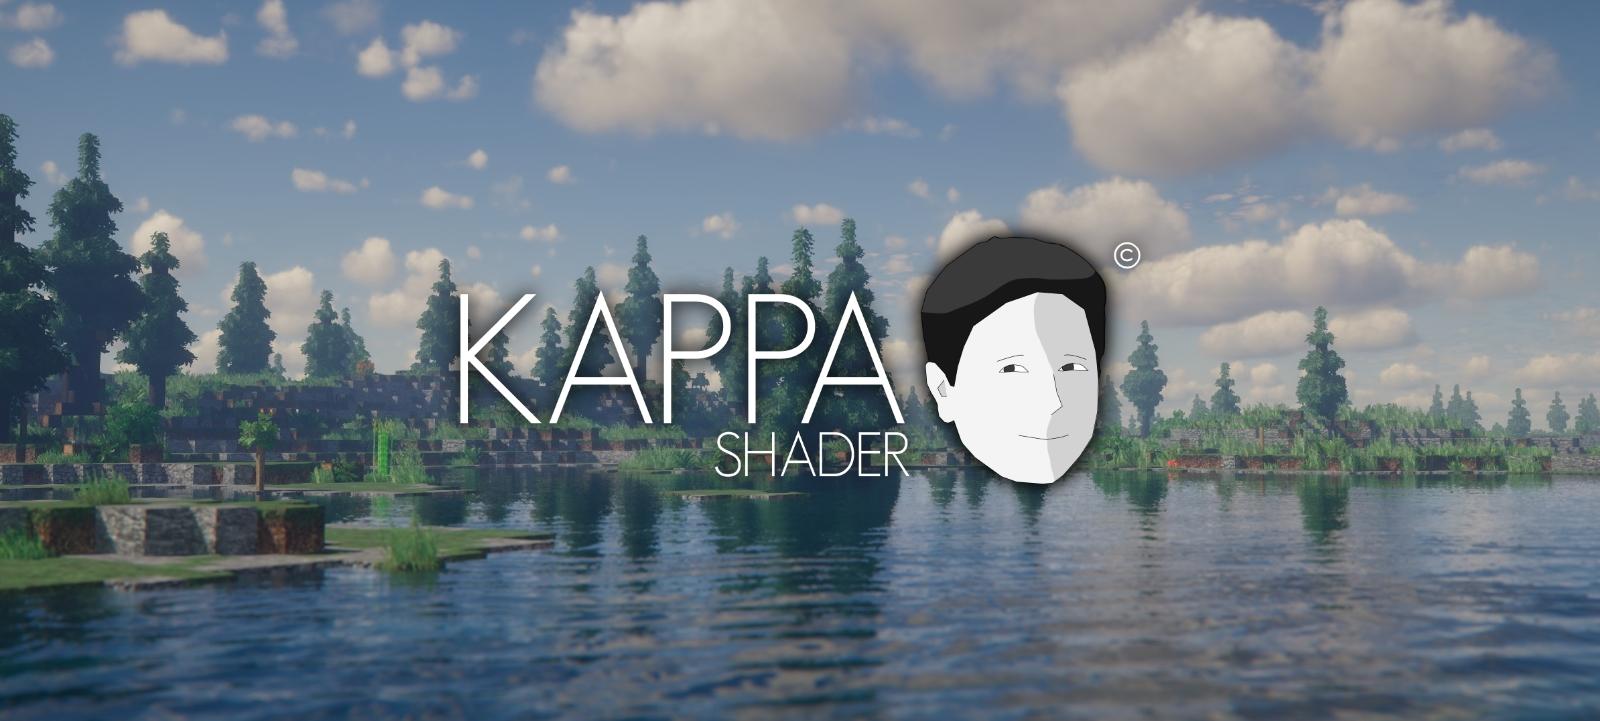 Kappa Shader Banner